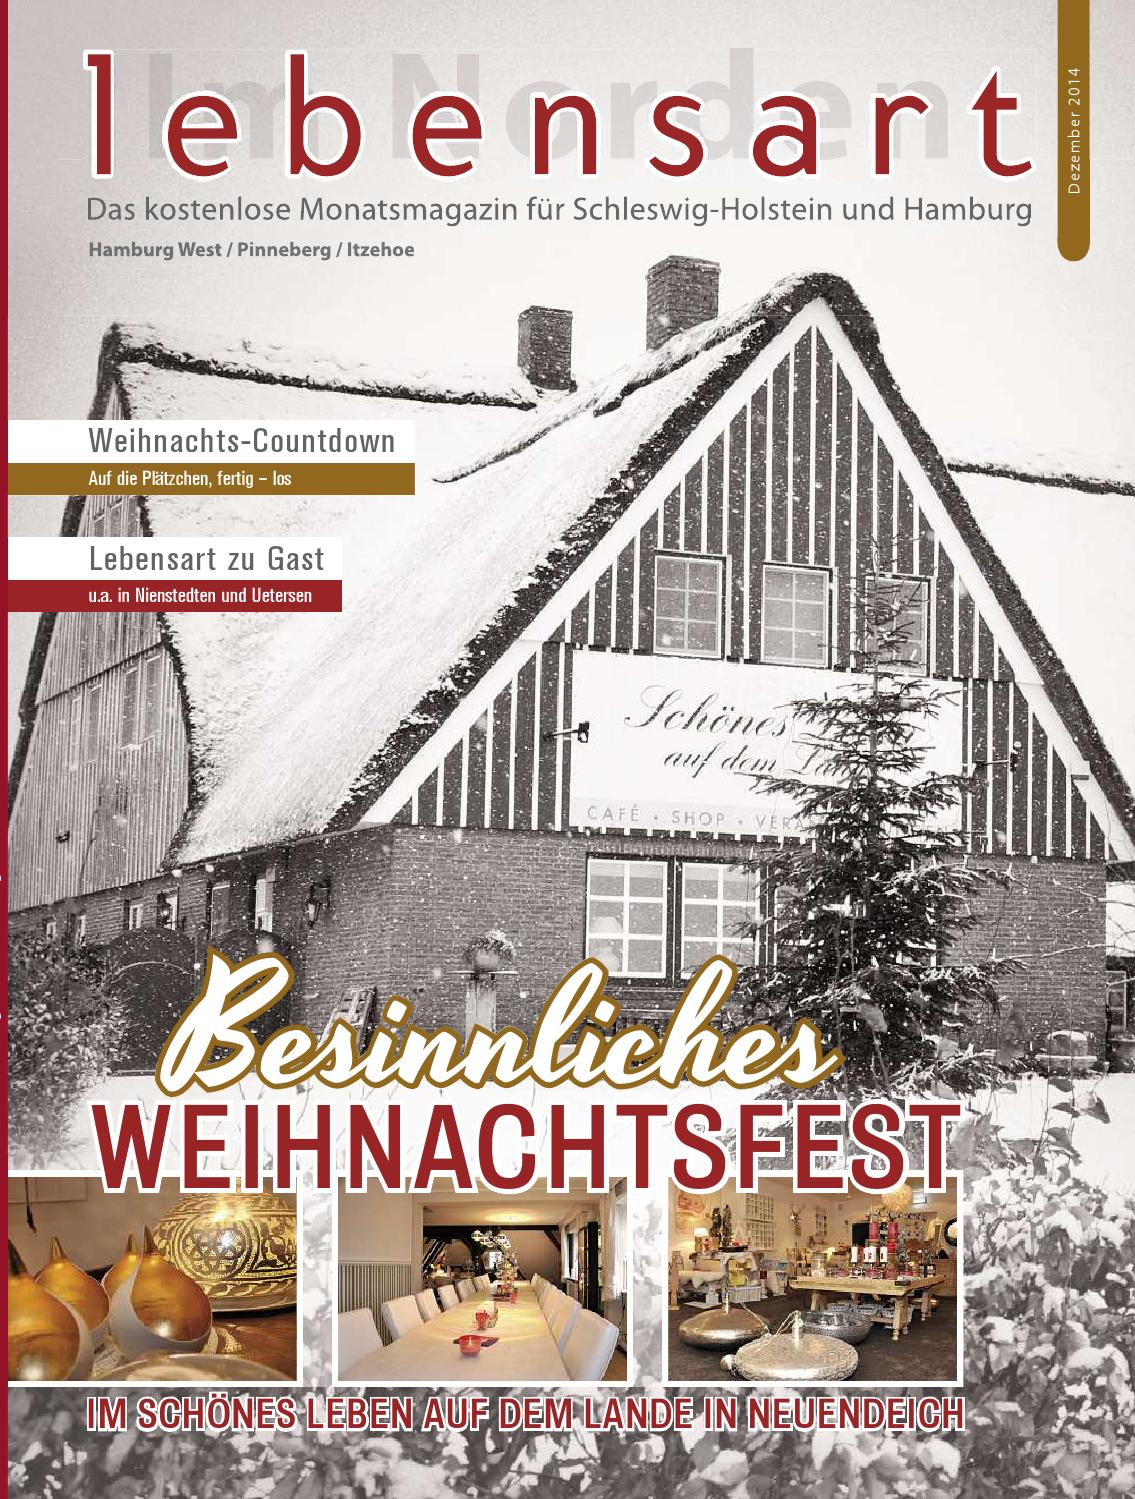 Web hhw 1214 by Verlagskontor Schleswig-Holstein - issuu